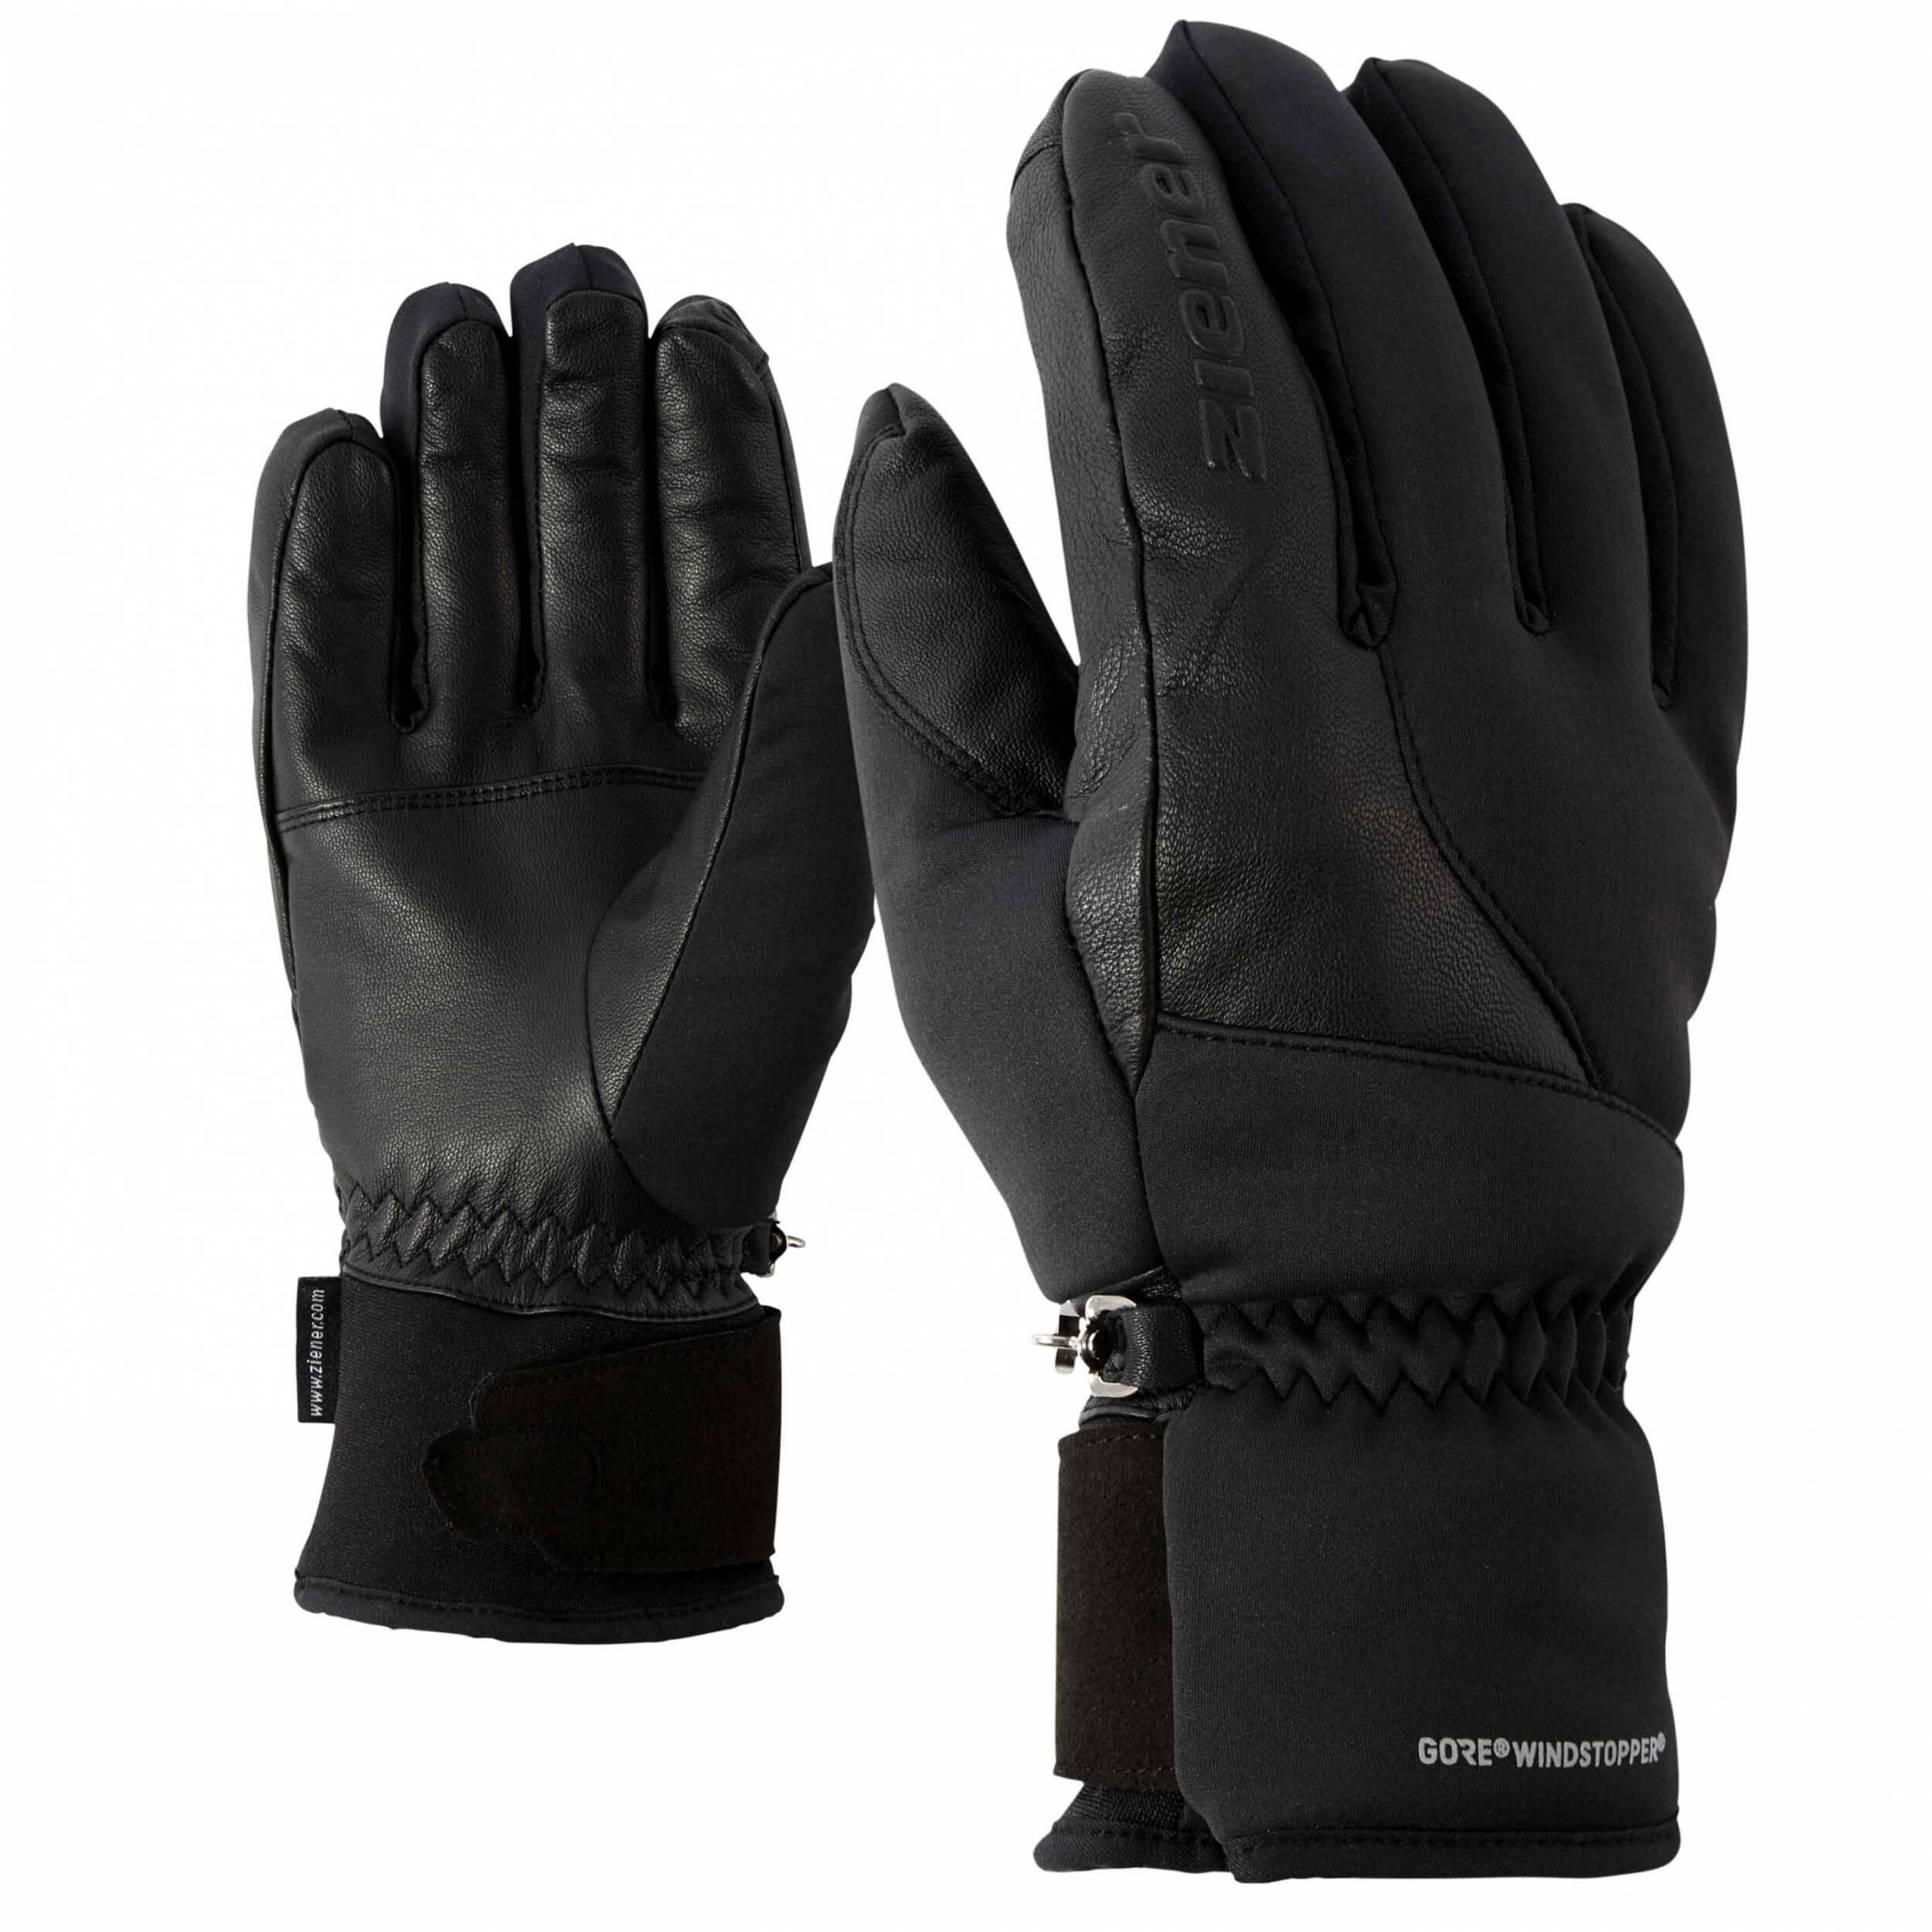 ZIENER Multisport Handschuhe Inaction GORE schwarz 12